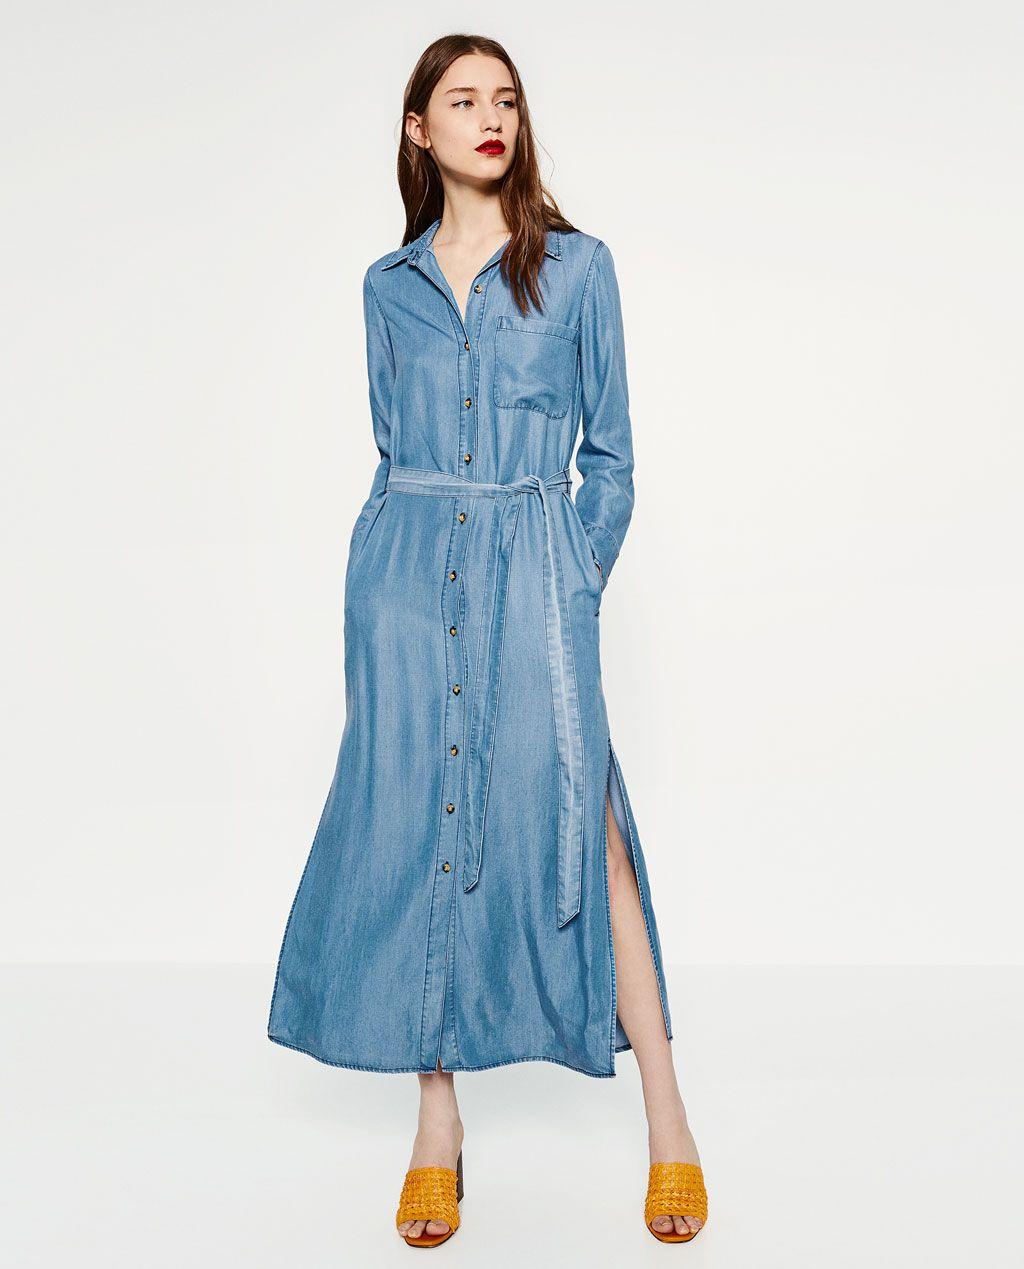 d70026f807ef9 ROBE EN JEAN LONGUE | S17 W en 2019 | Robe en jean, Zara femme robe ...